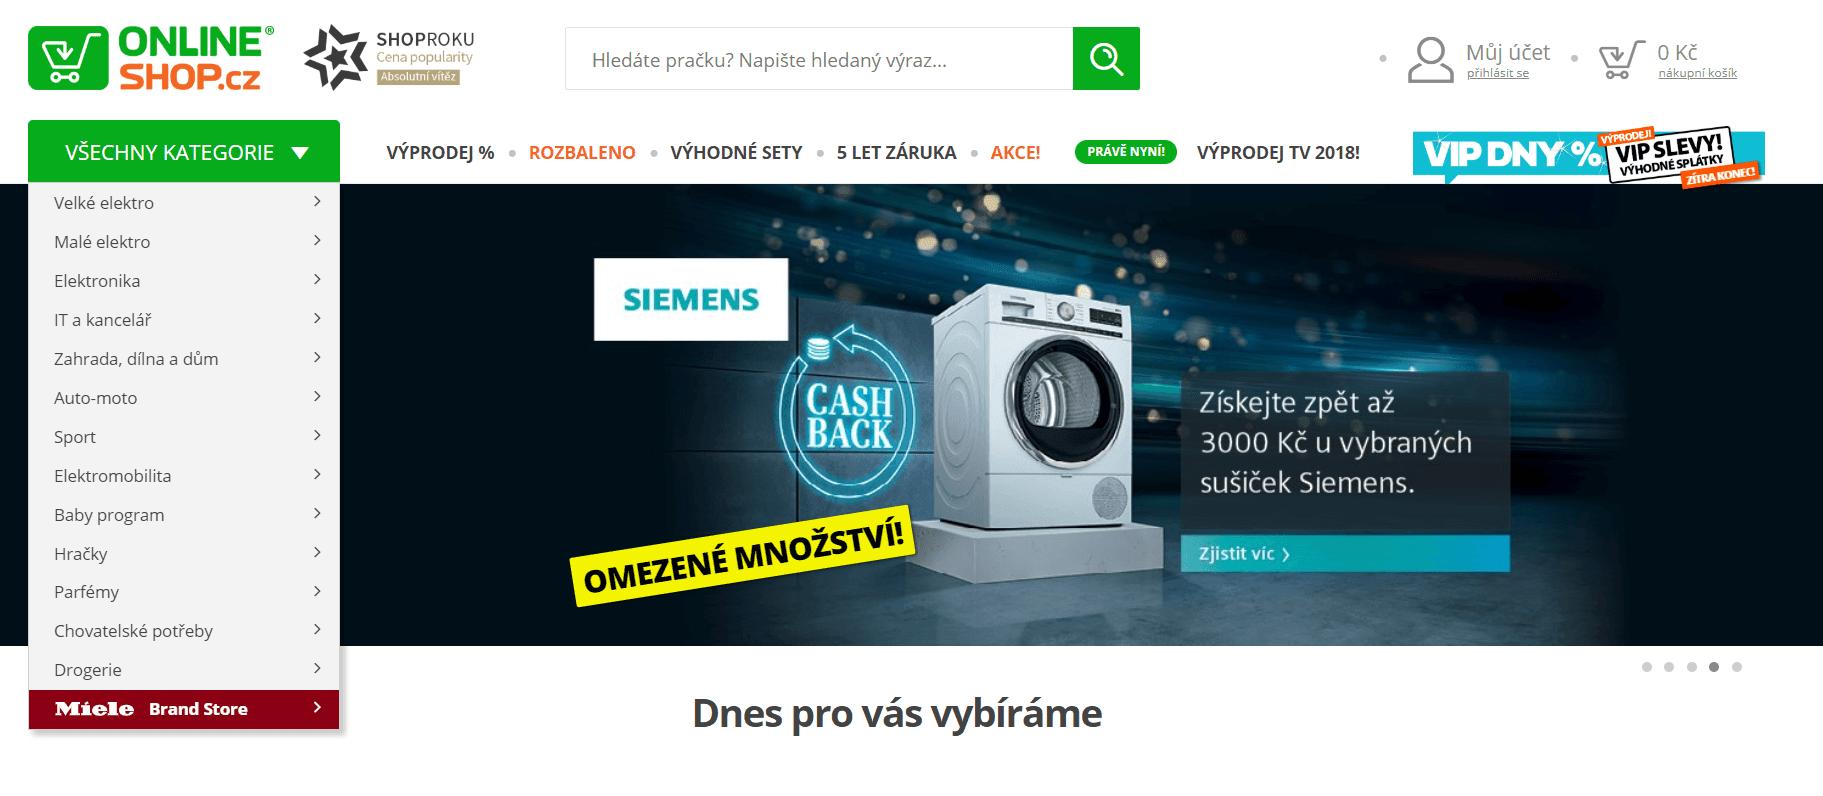 Покупка на ONLINE SHOP с доставкой в Казахстан ✔️ myMeest - 3